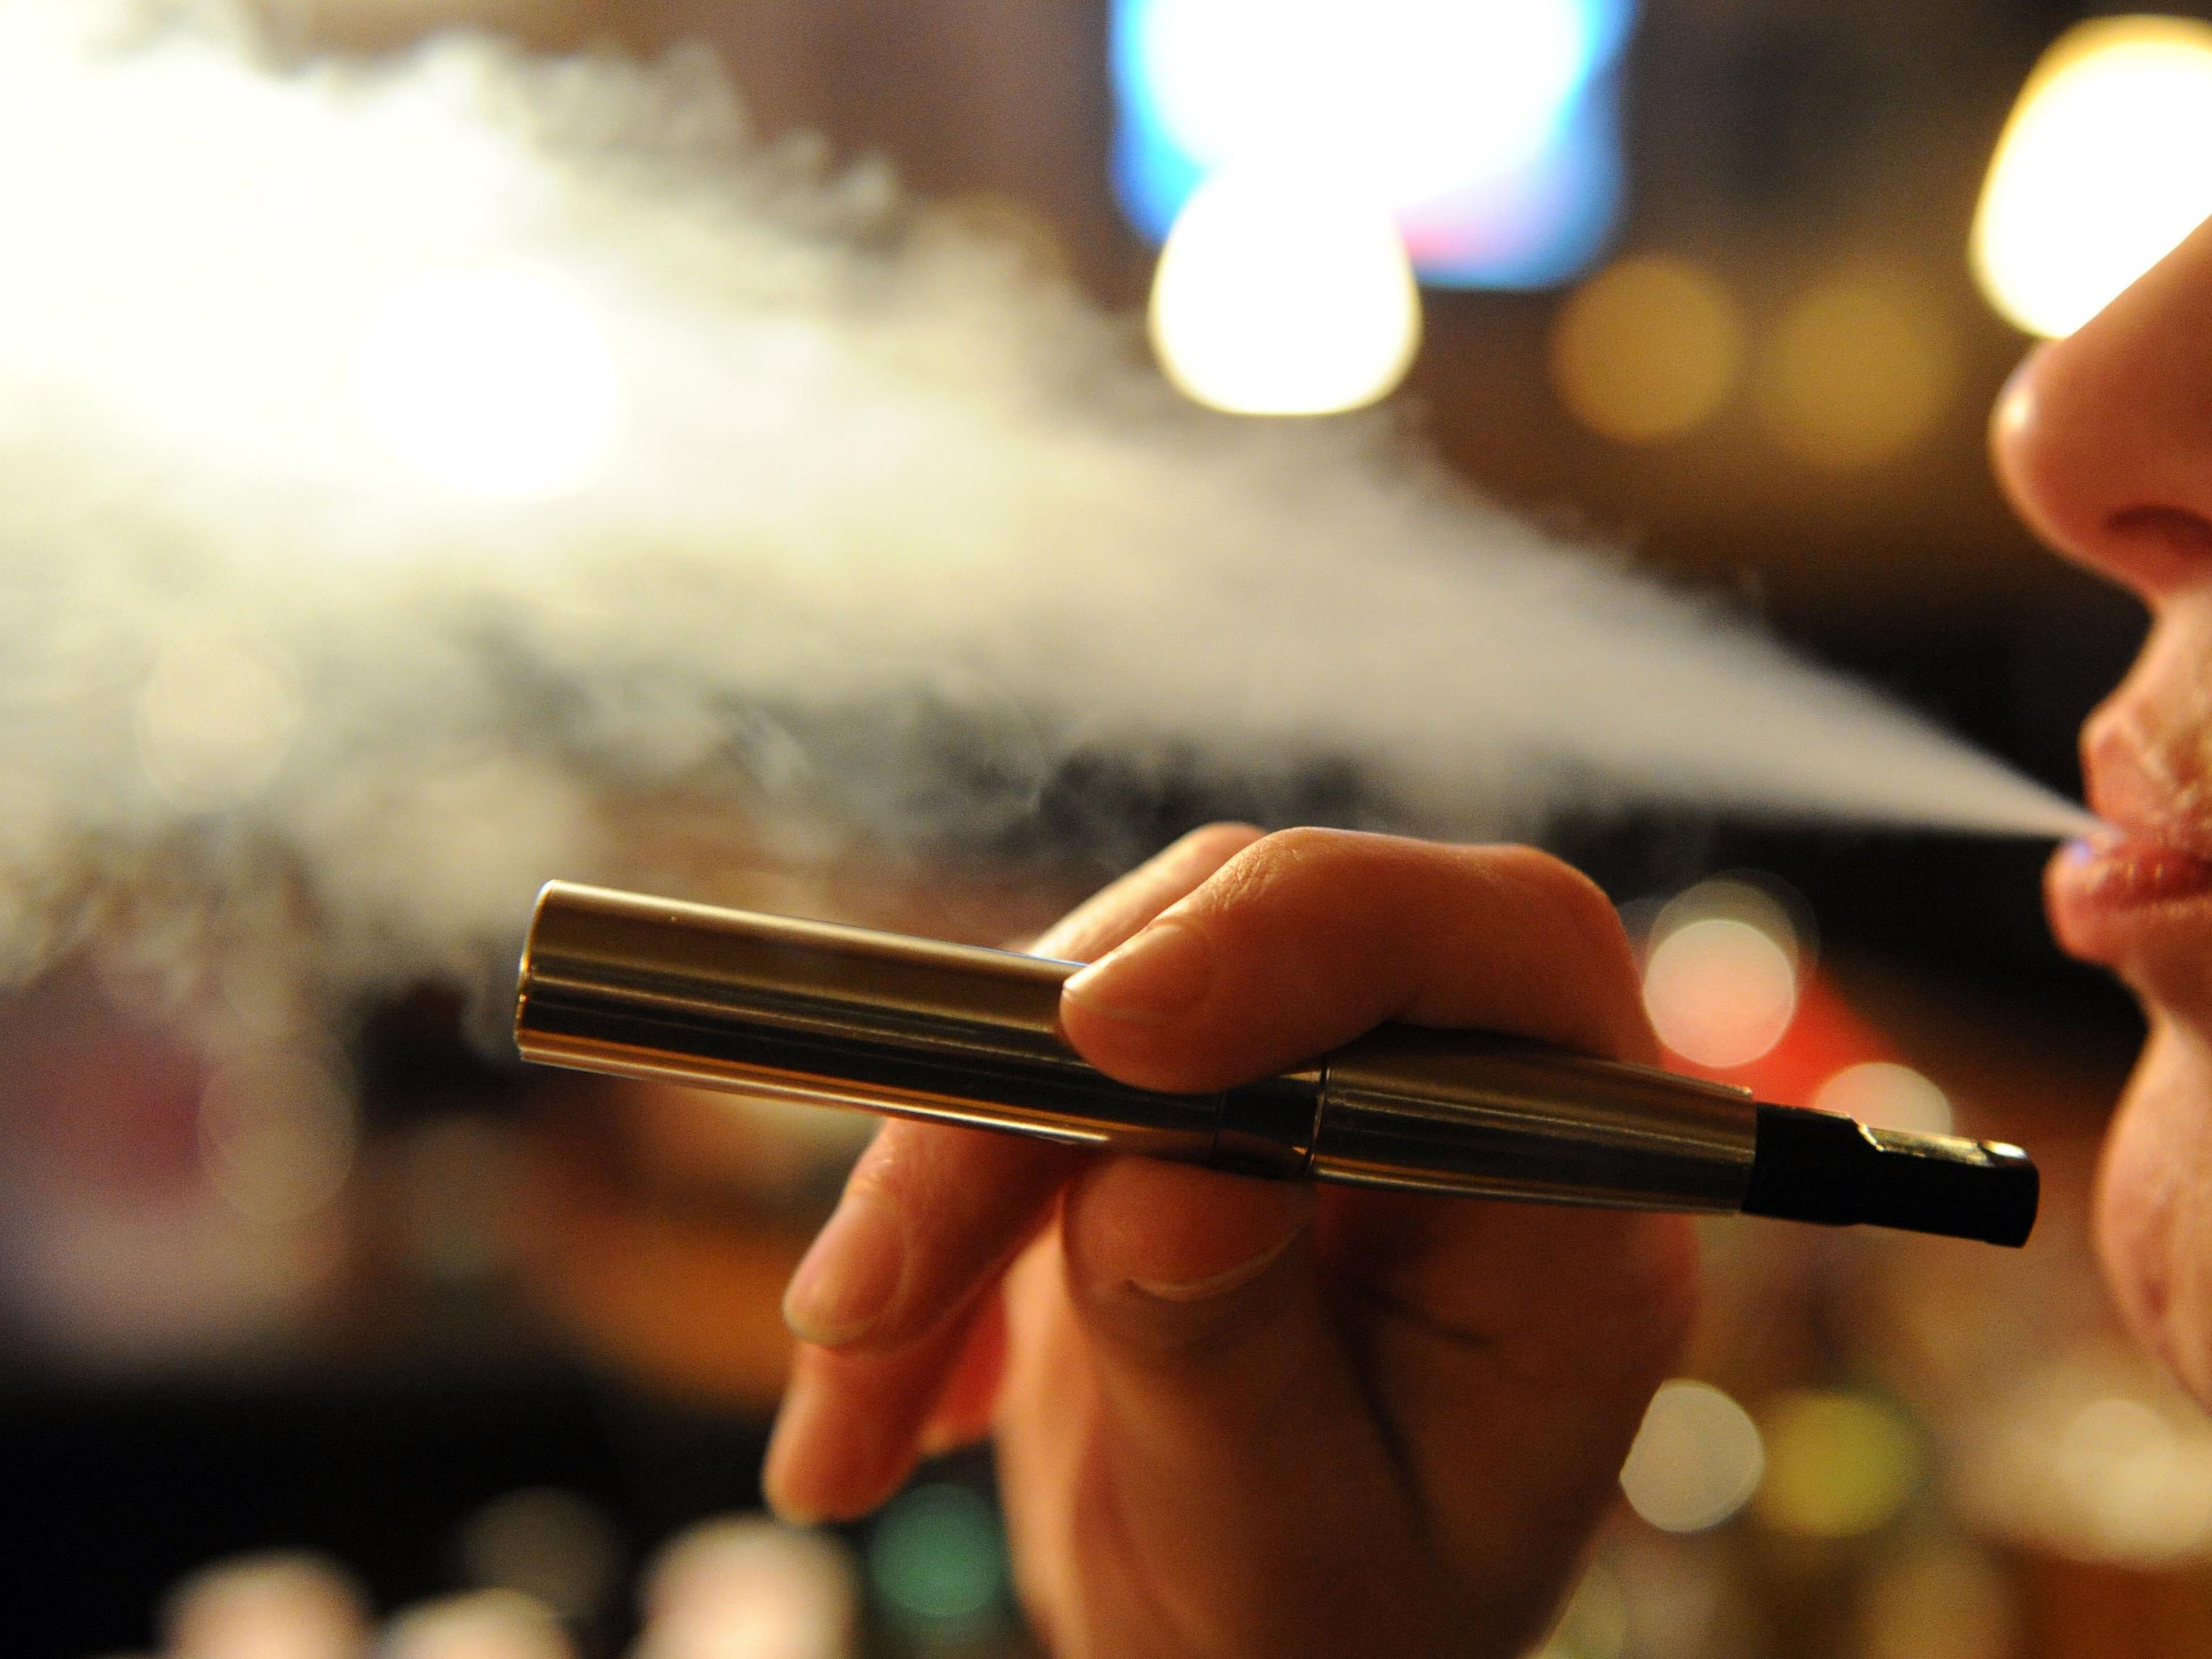 Ein Mann wurde von einer explodierenden E-Zigarette verletzt.